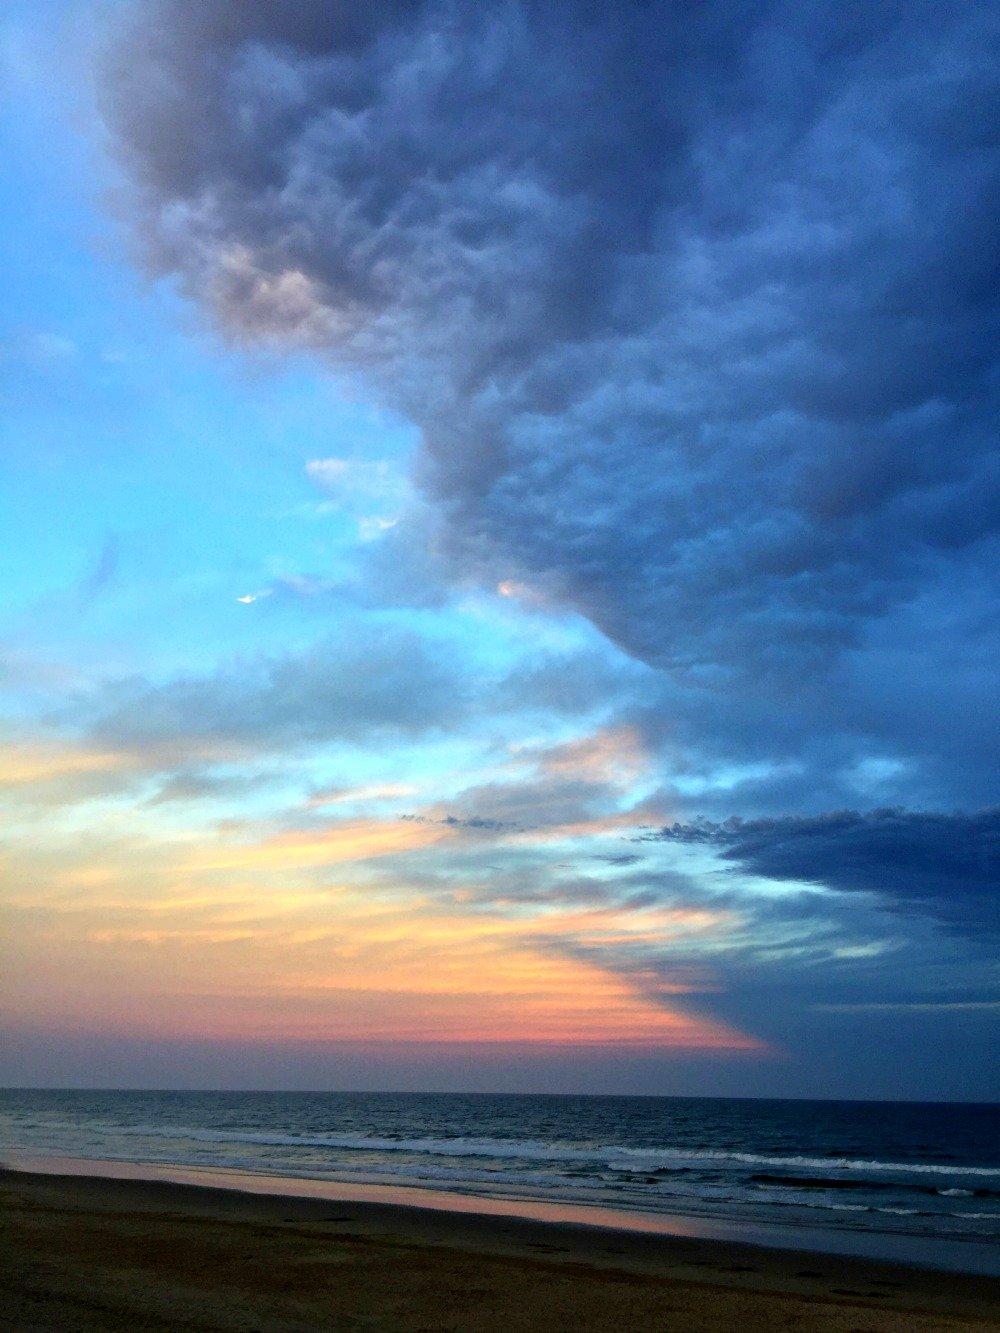 Coolum Beach Storm Clouds